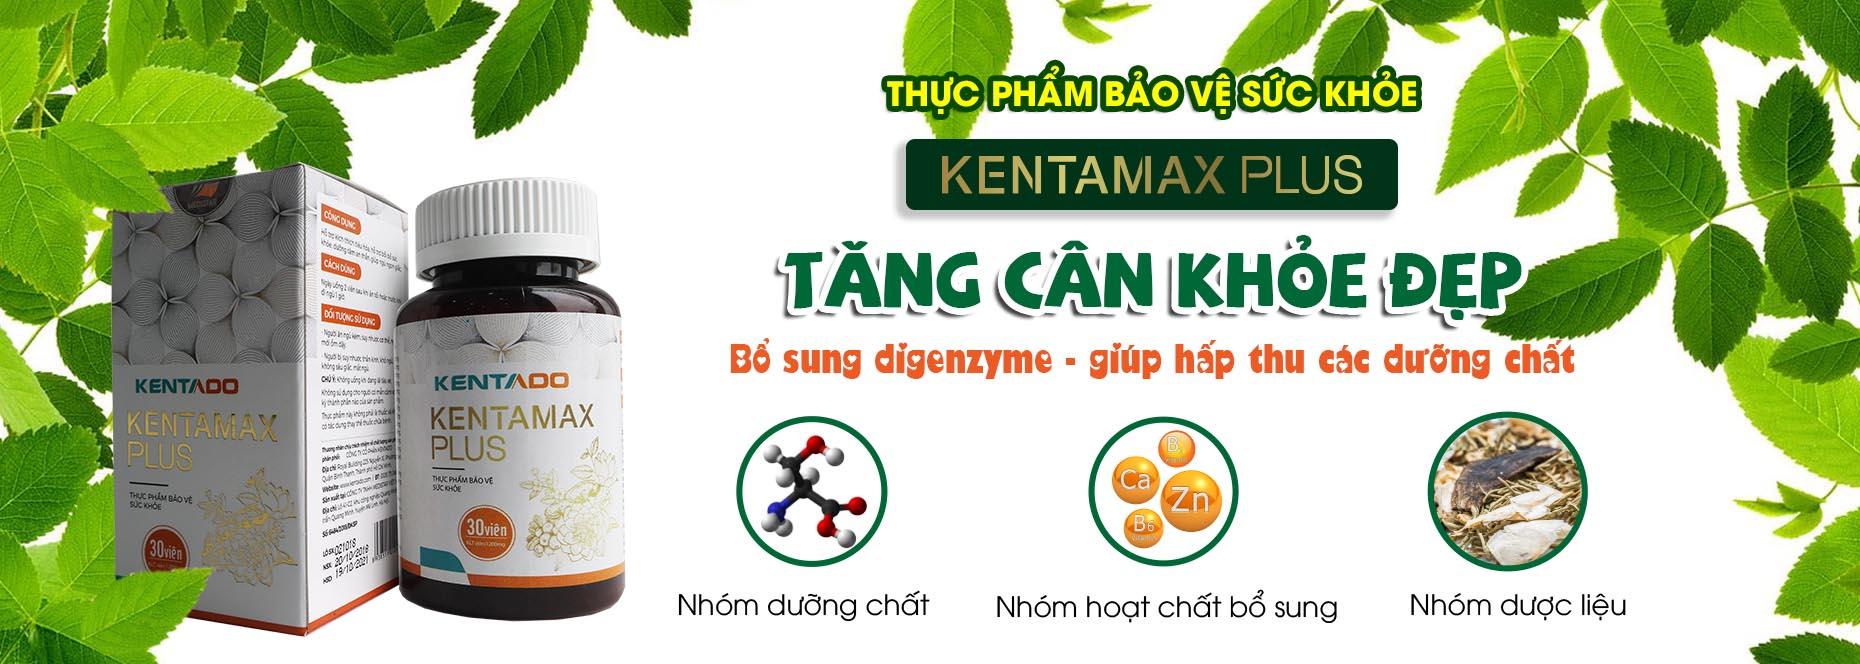 Kentamax Plus - San pham ho tro tang can hieu qua va an toan